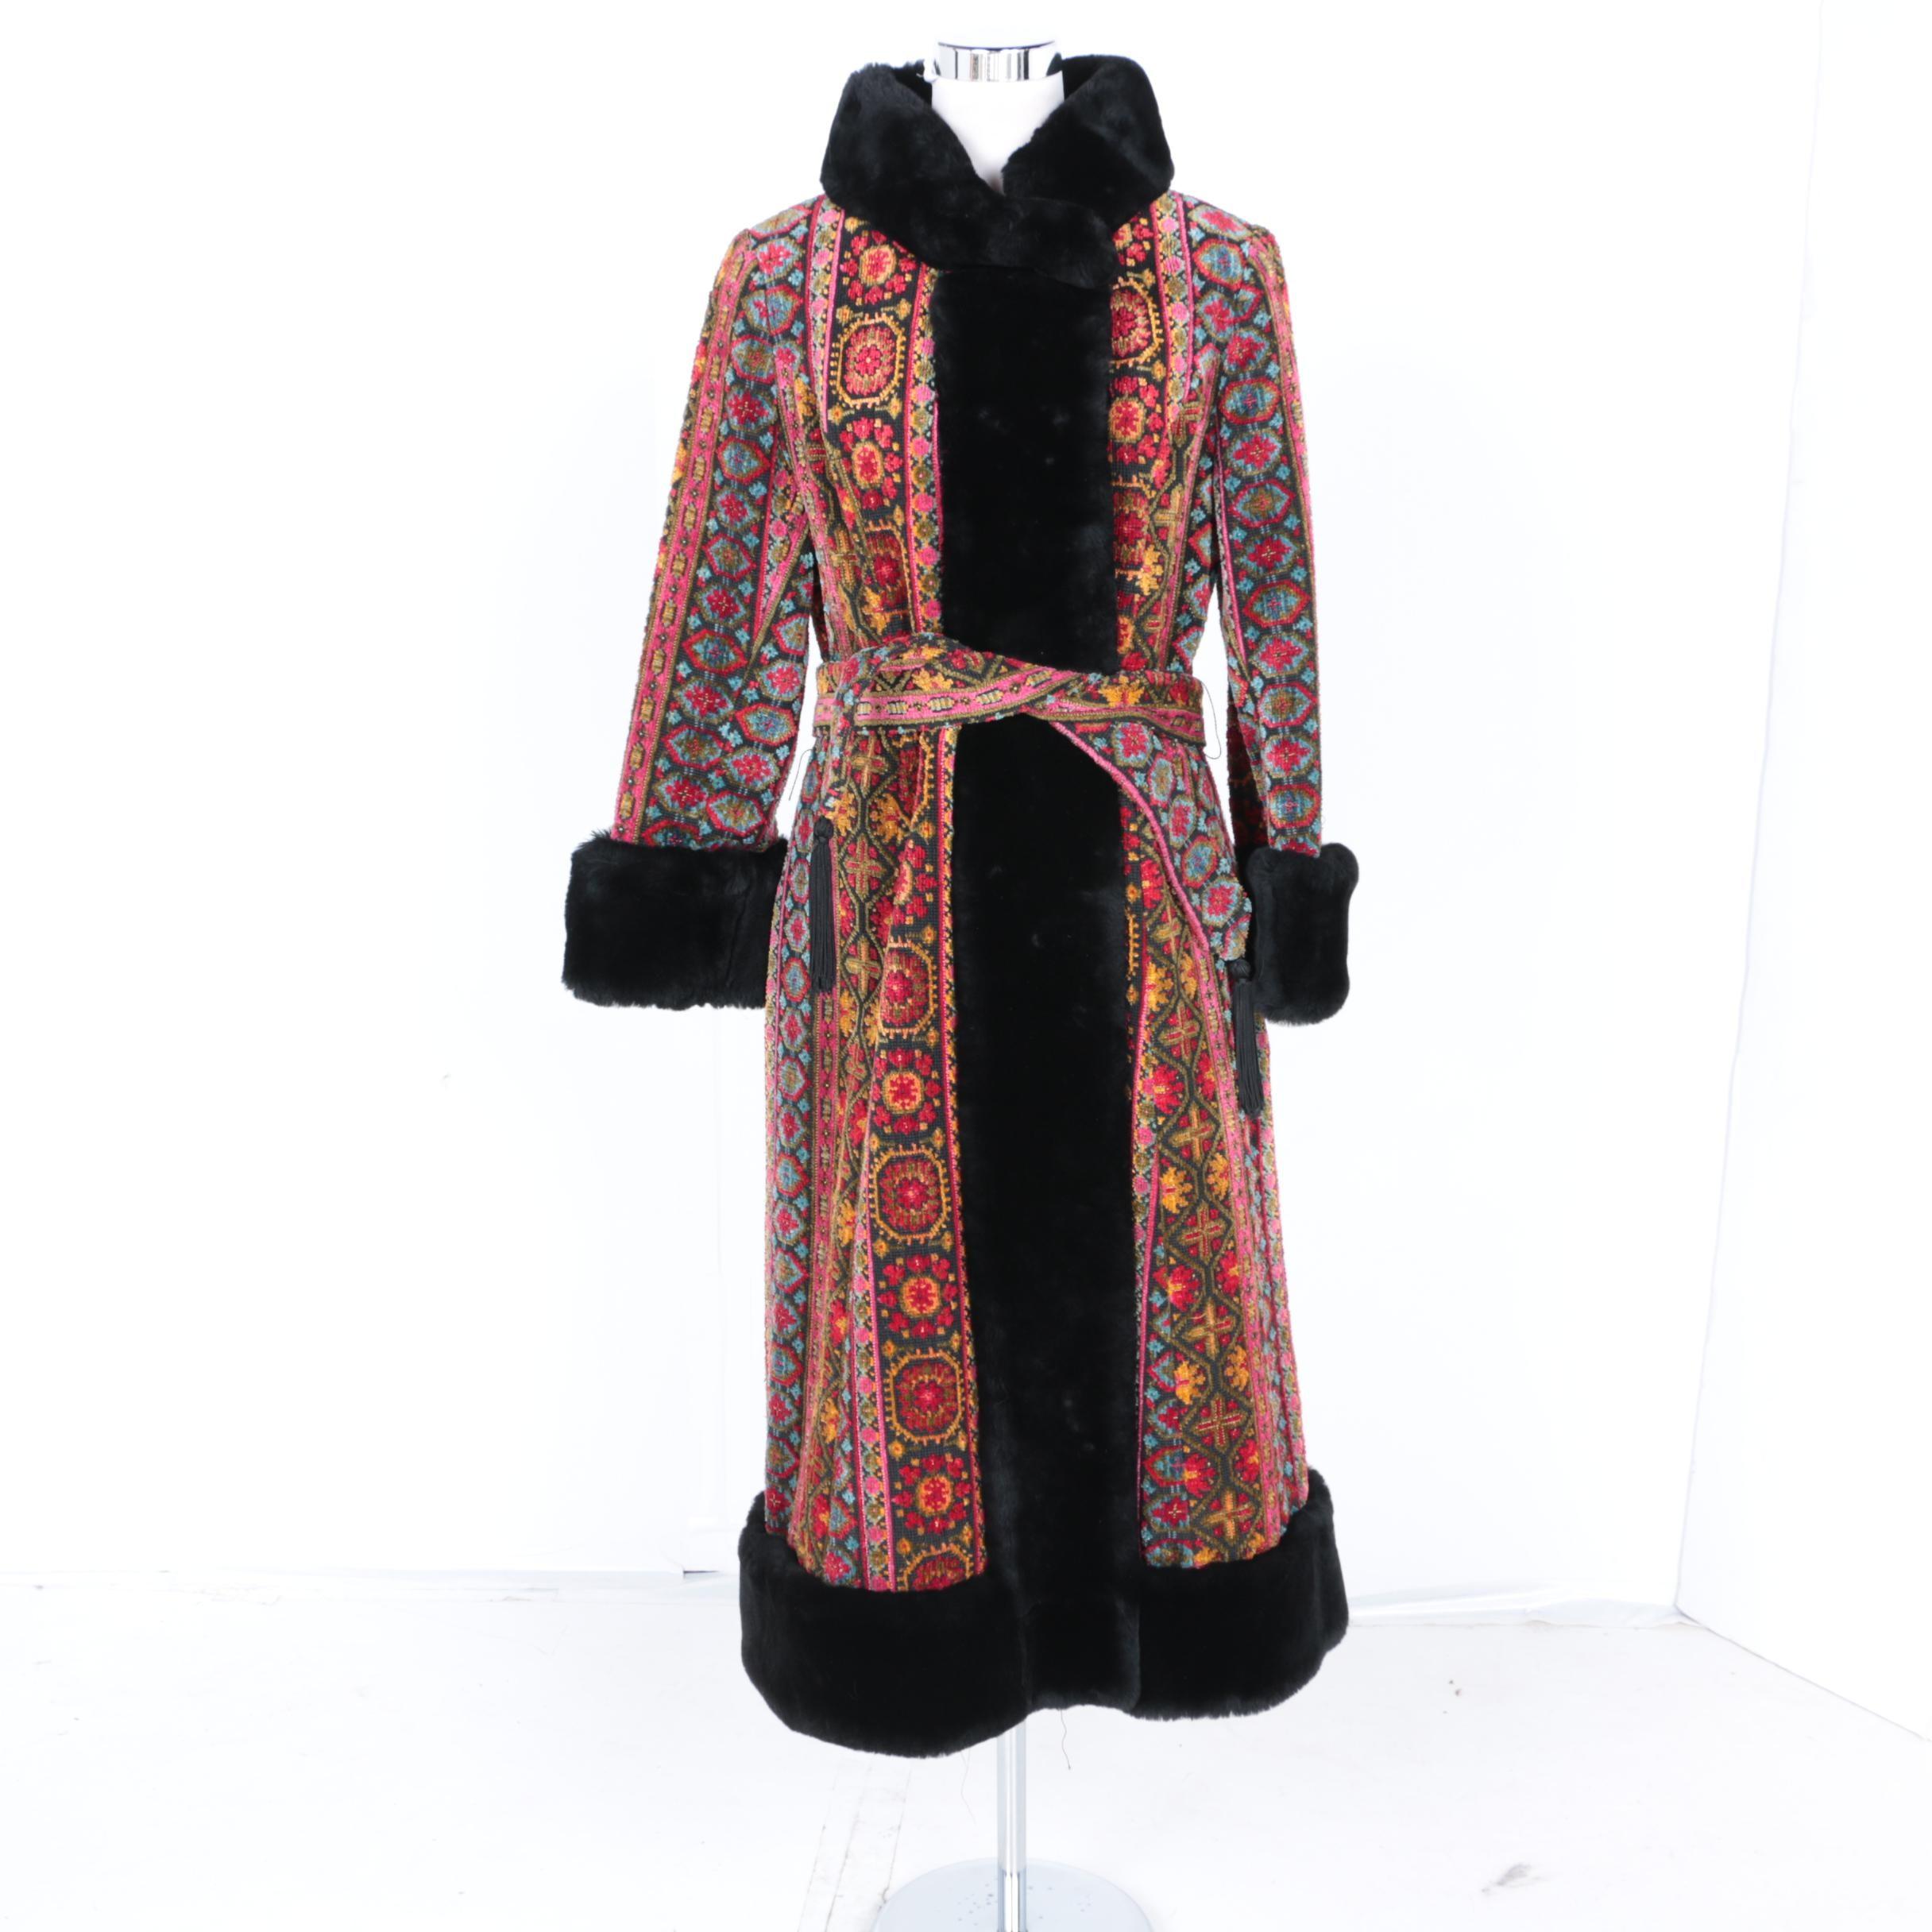 Full Length Carpet Coat With Faux Fur Trim